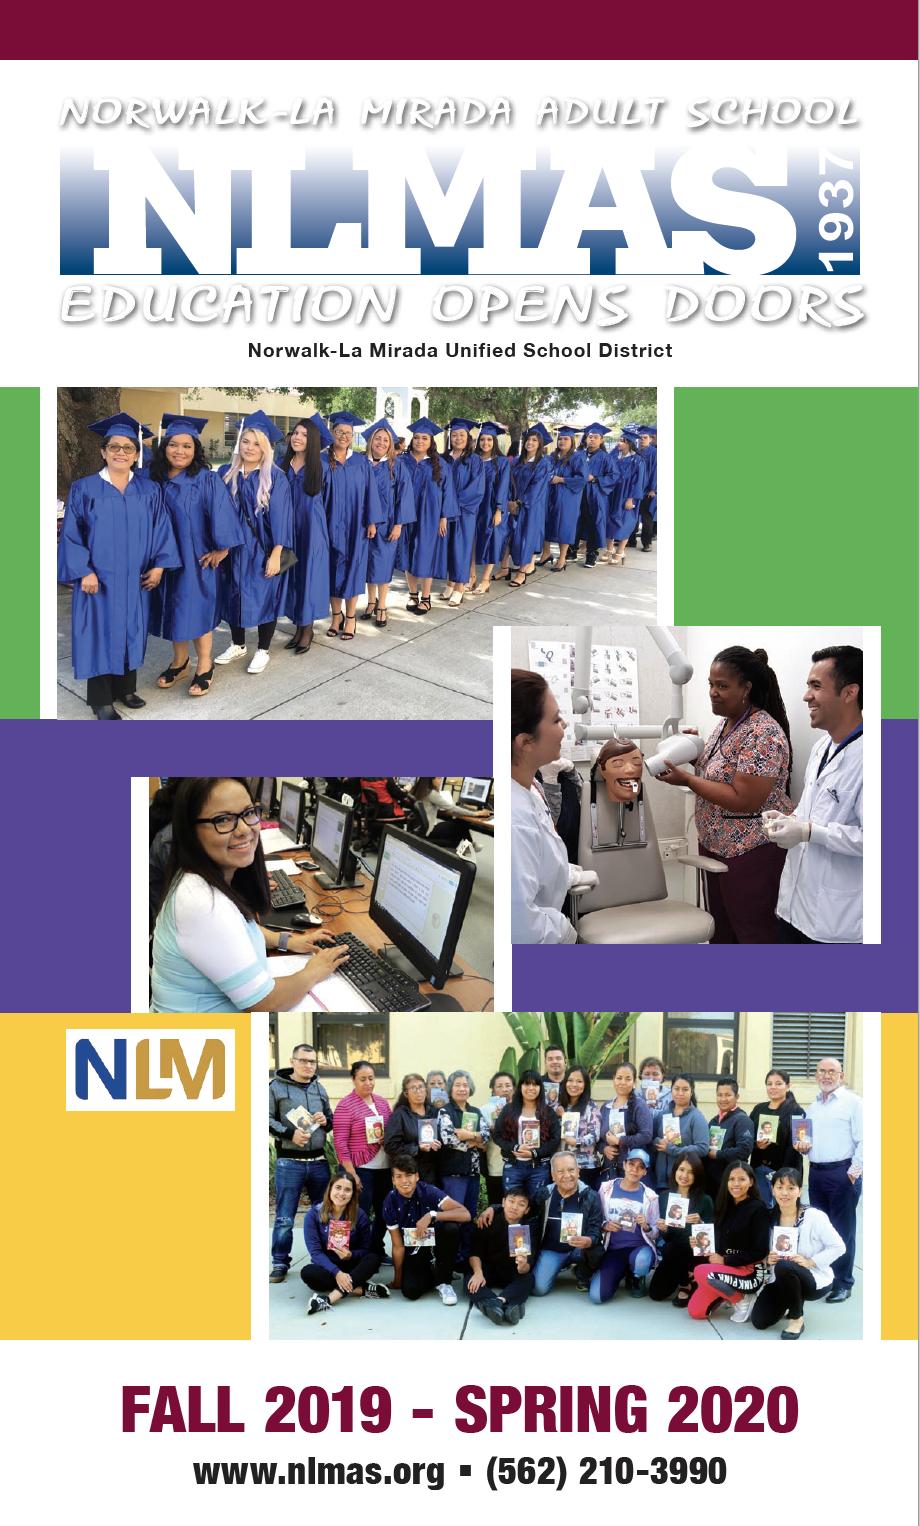 Course Catalog – General Information – Norwalk-La Mirada Adult School